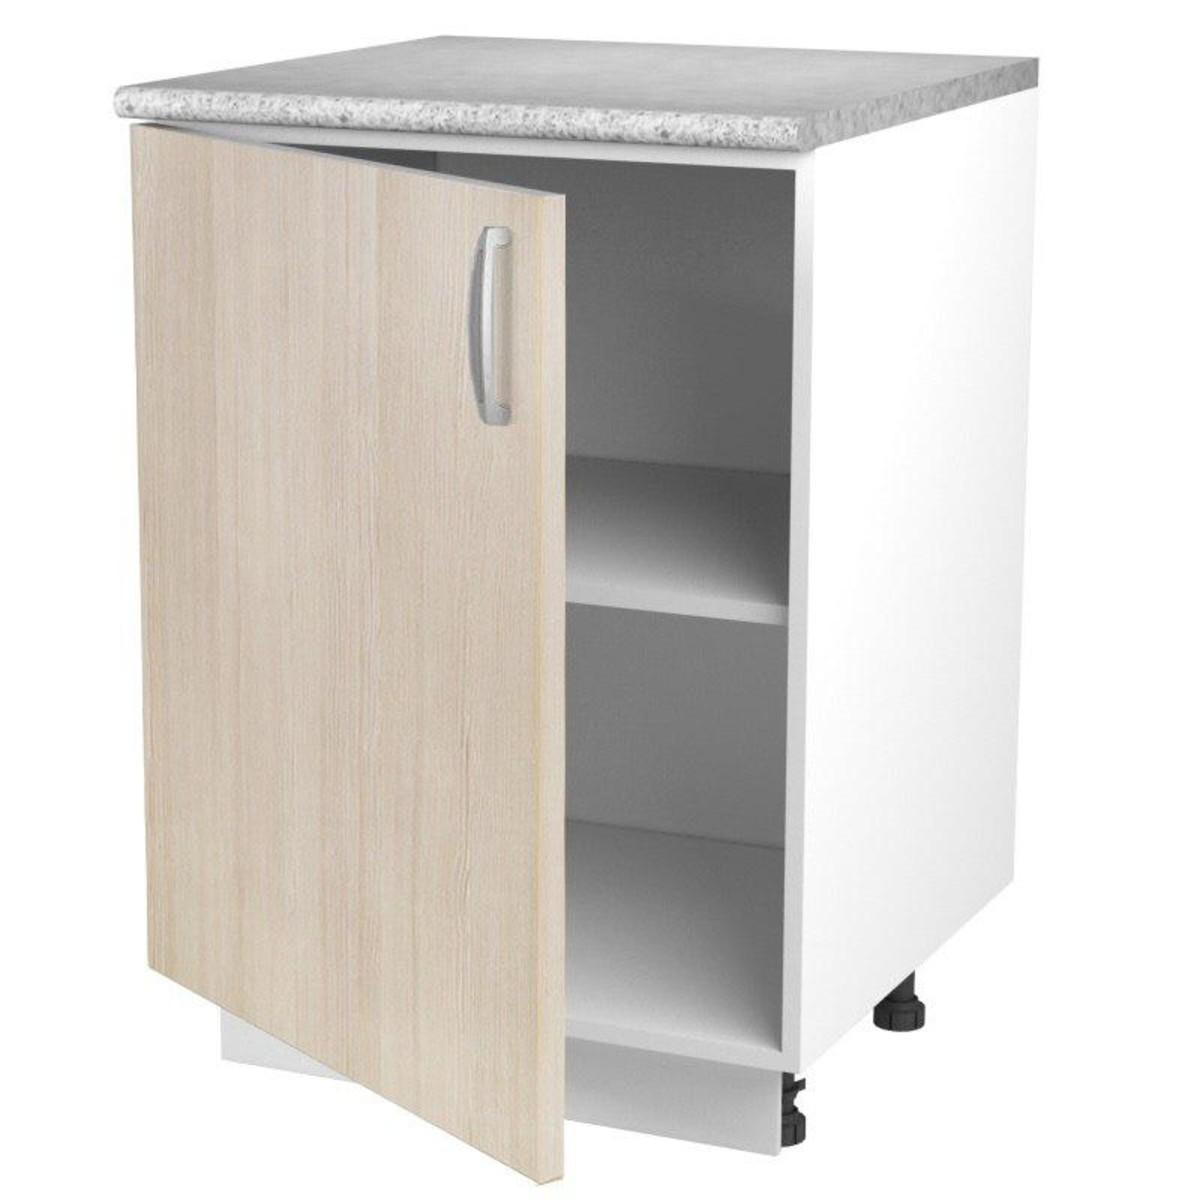 Шкаф напольный Сосна Карелия 60 см